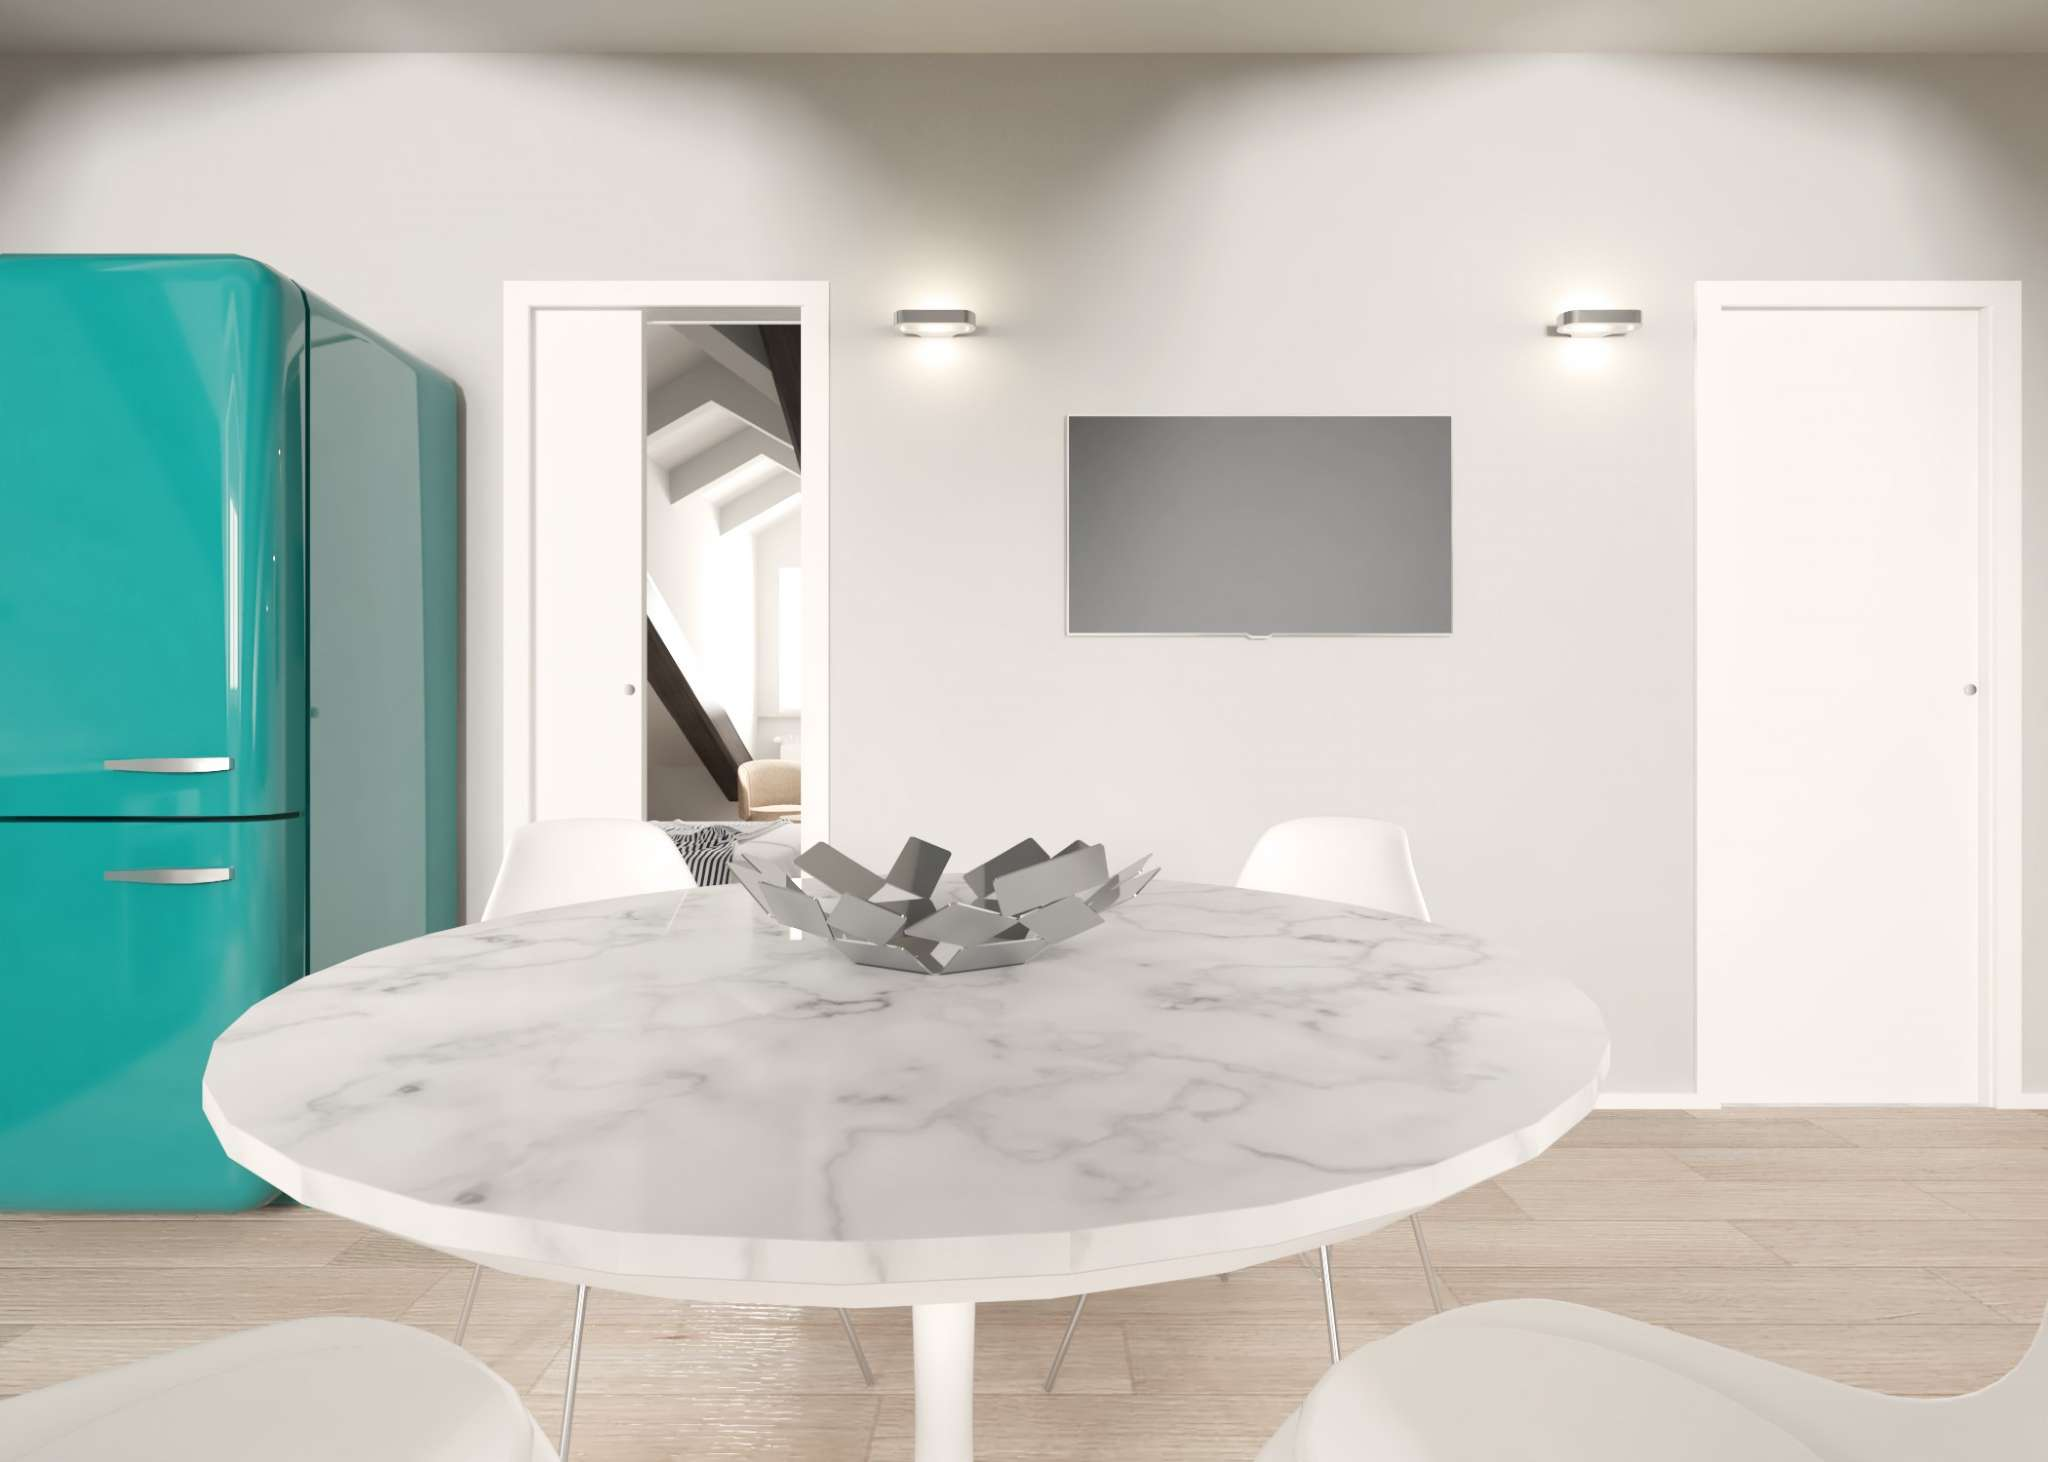 Torino Torino Vendita APPARTAMENTO >> affitto alloggi: case a torino